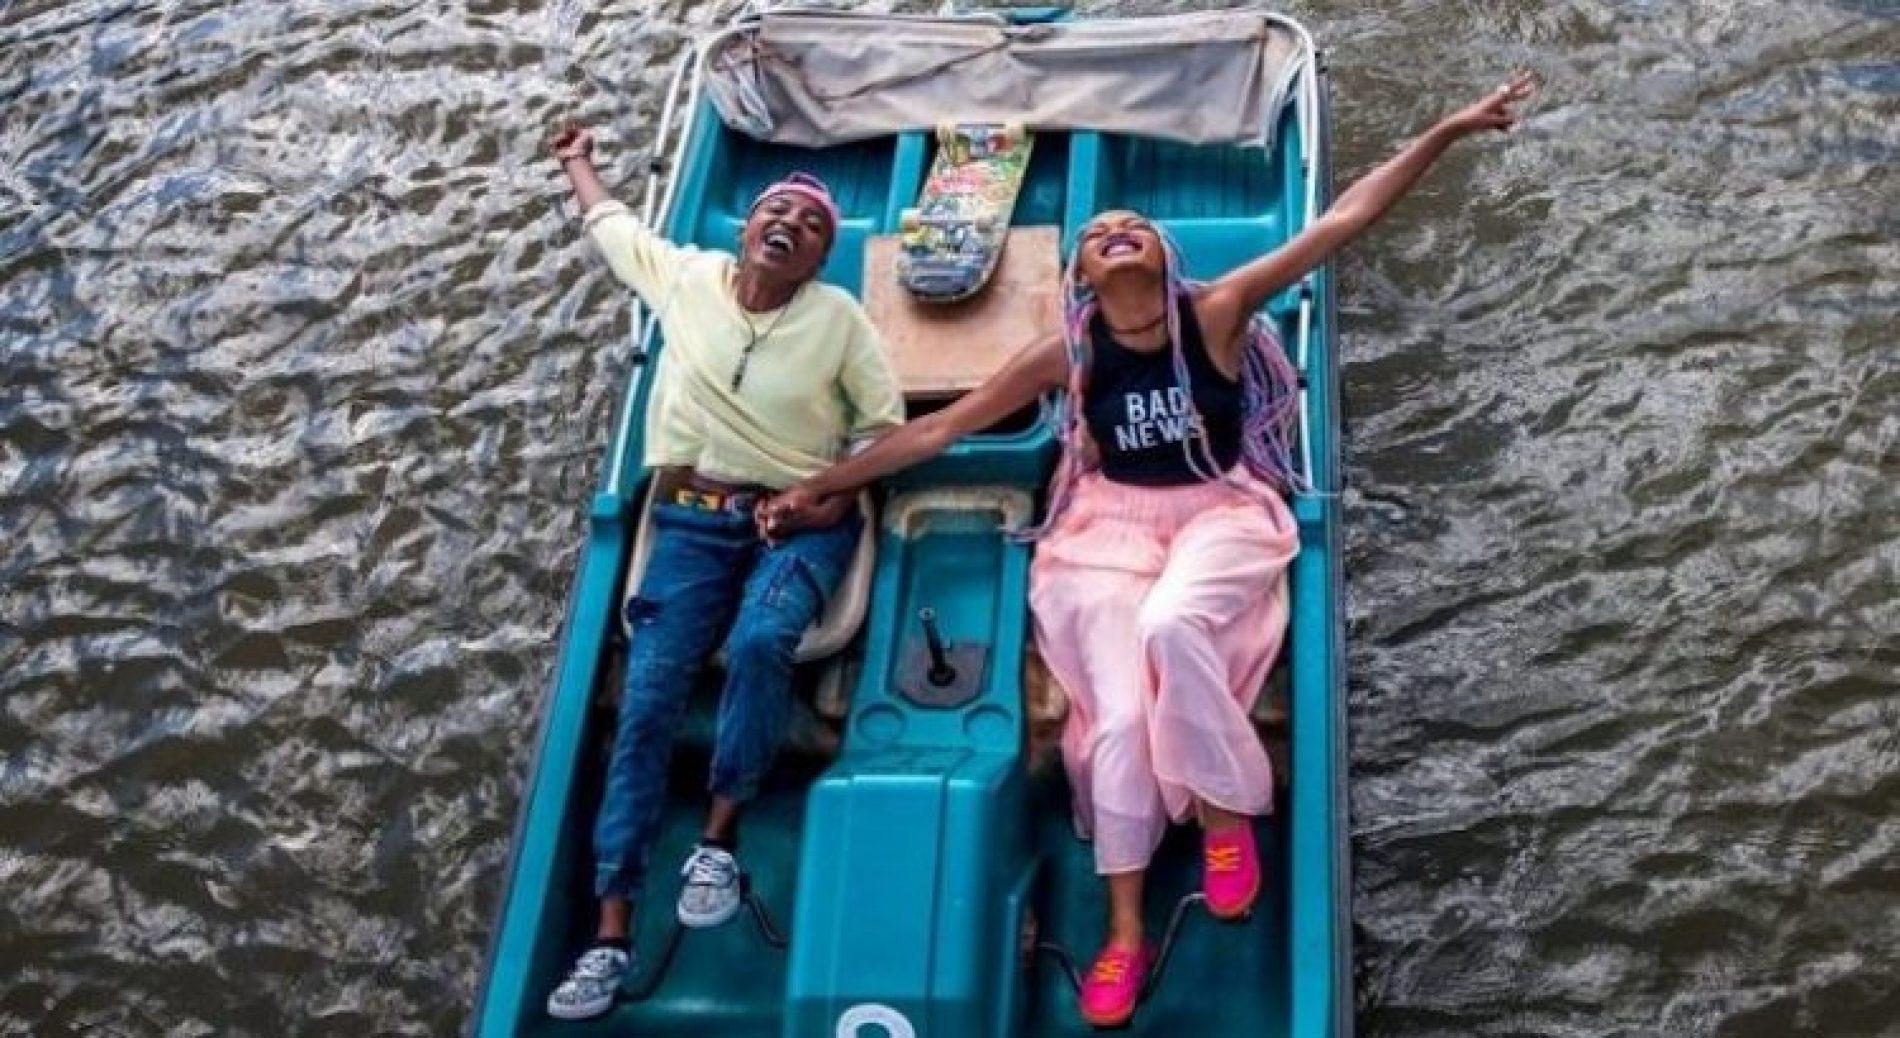 'Rafiki' gets sold out after Kenya lifts ban on Oscar-considered film